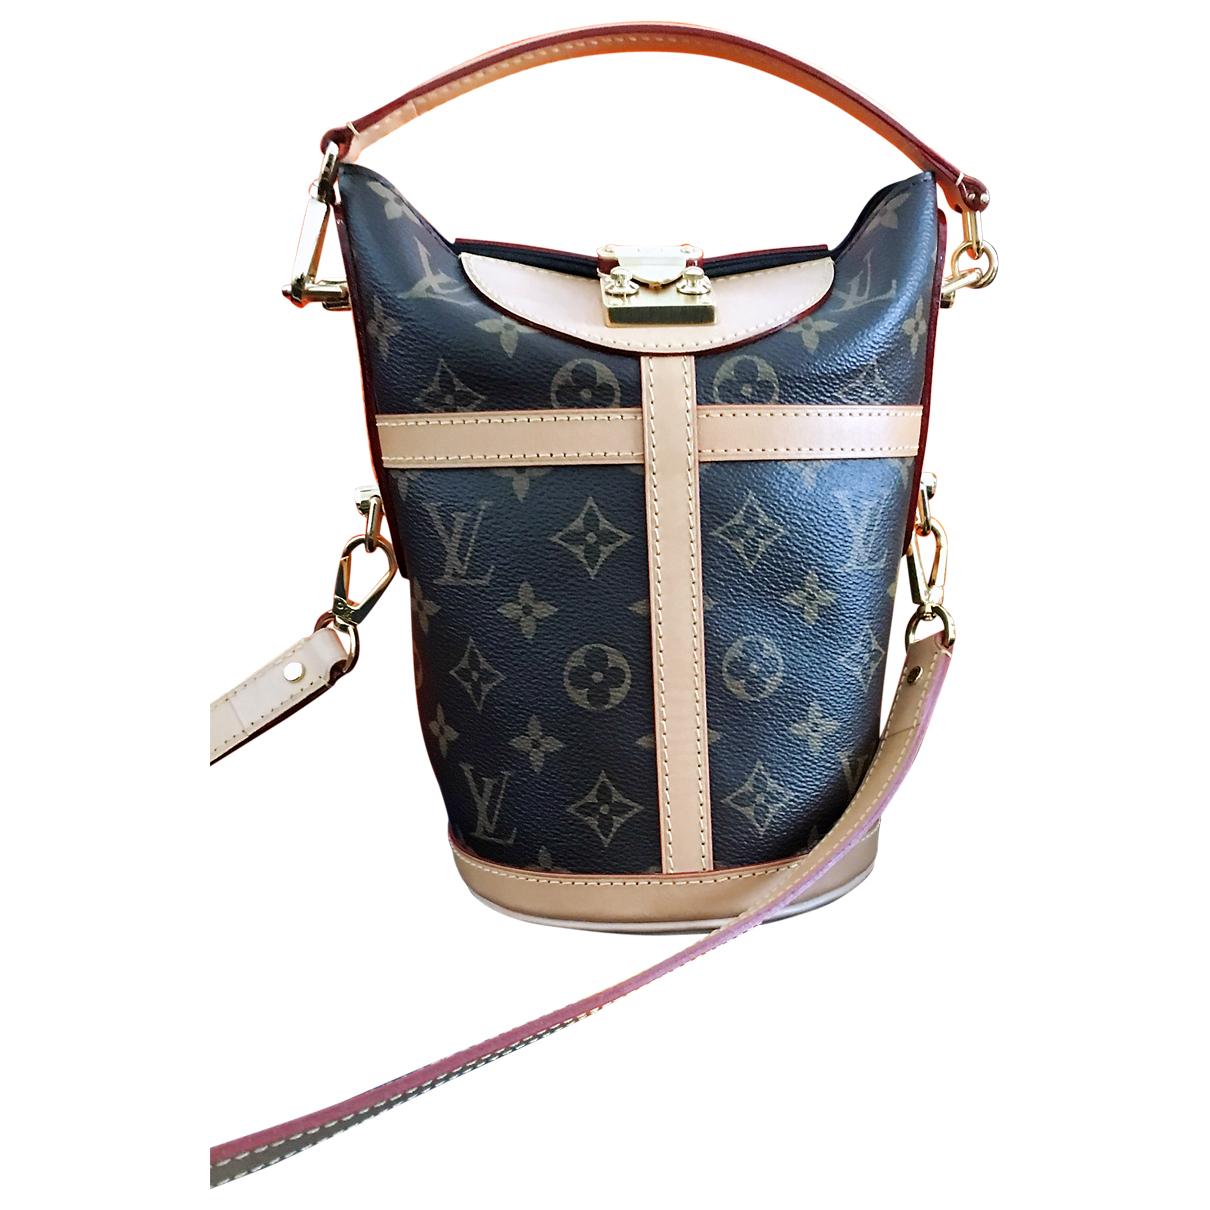 Louis Vuitton - Sac a main Duffle pour femme en toile - marron